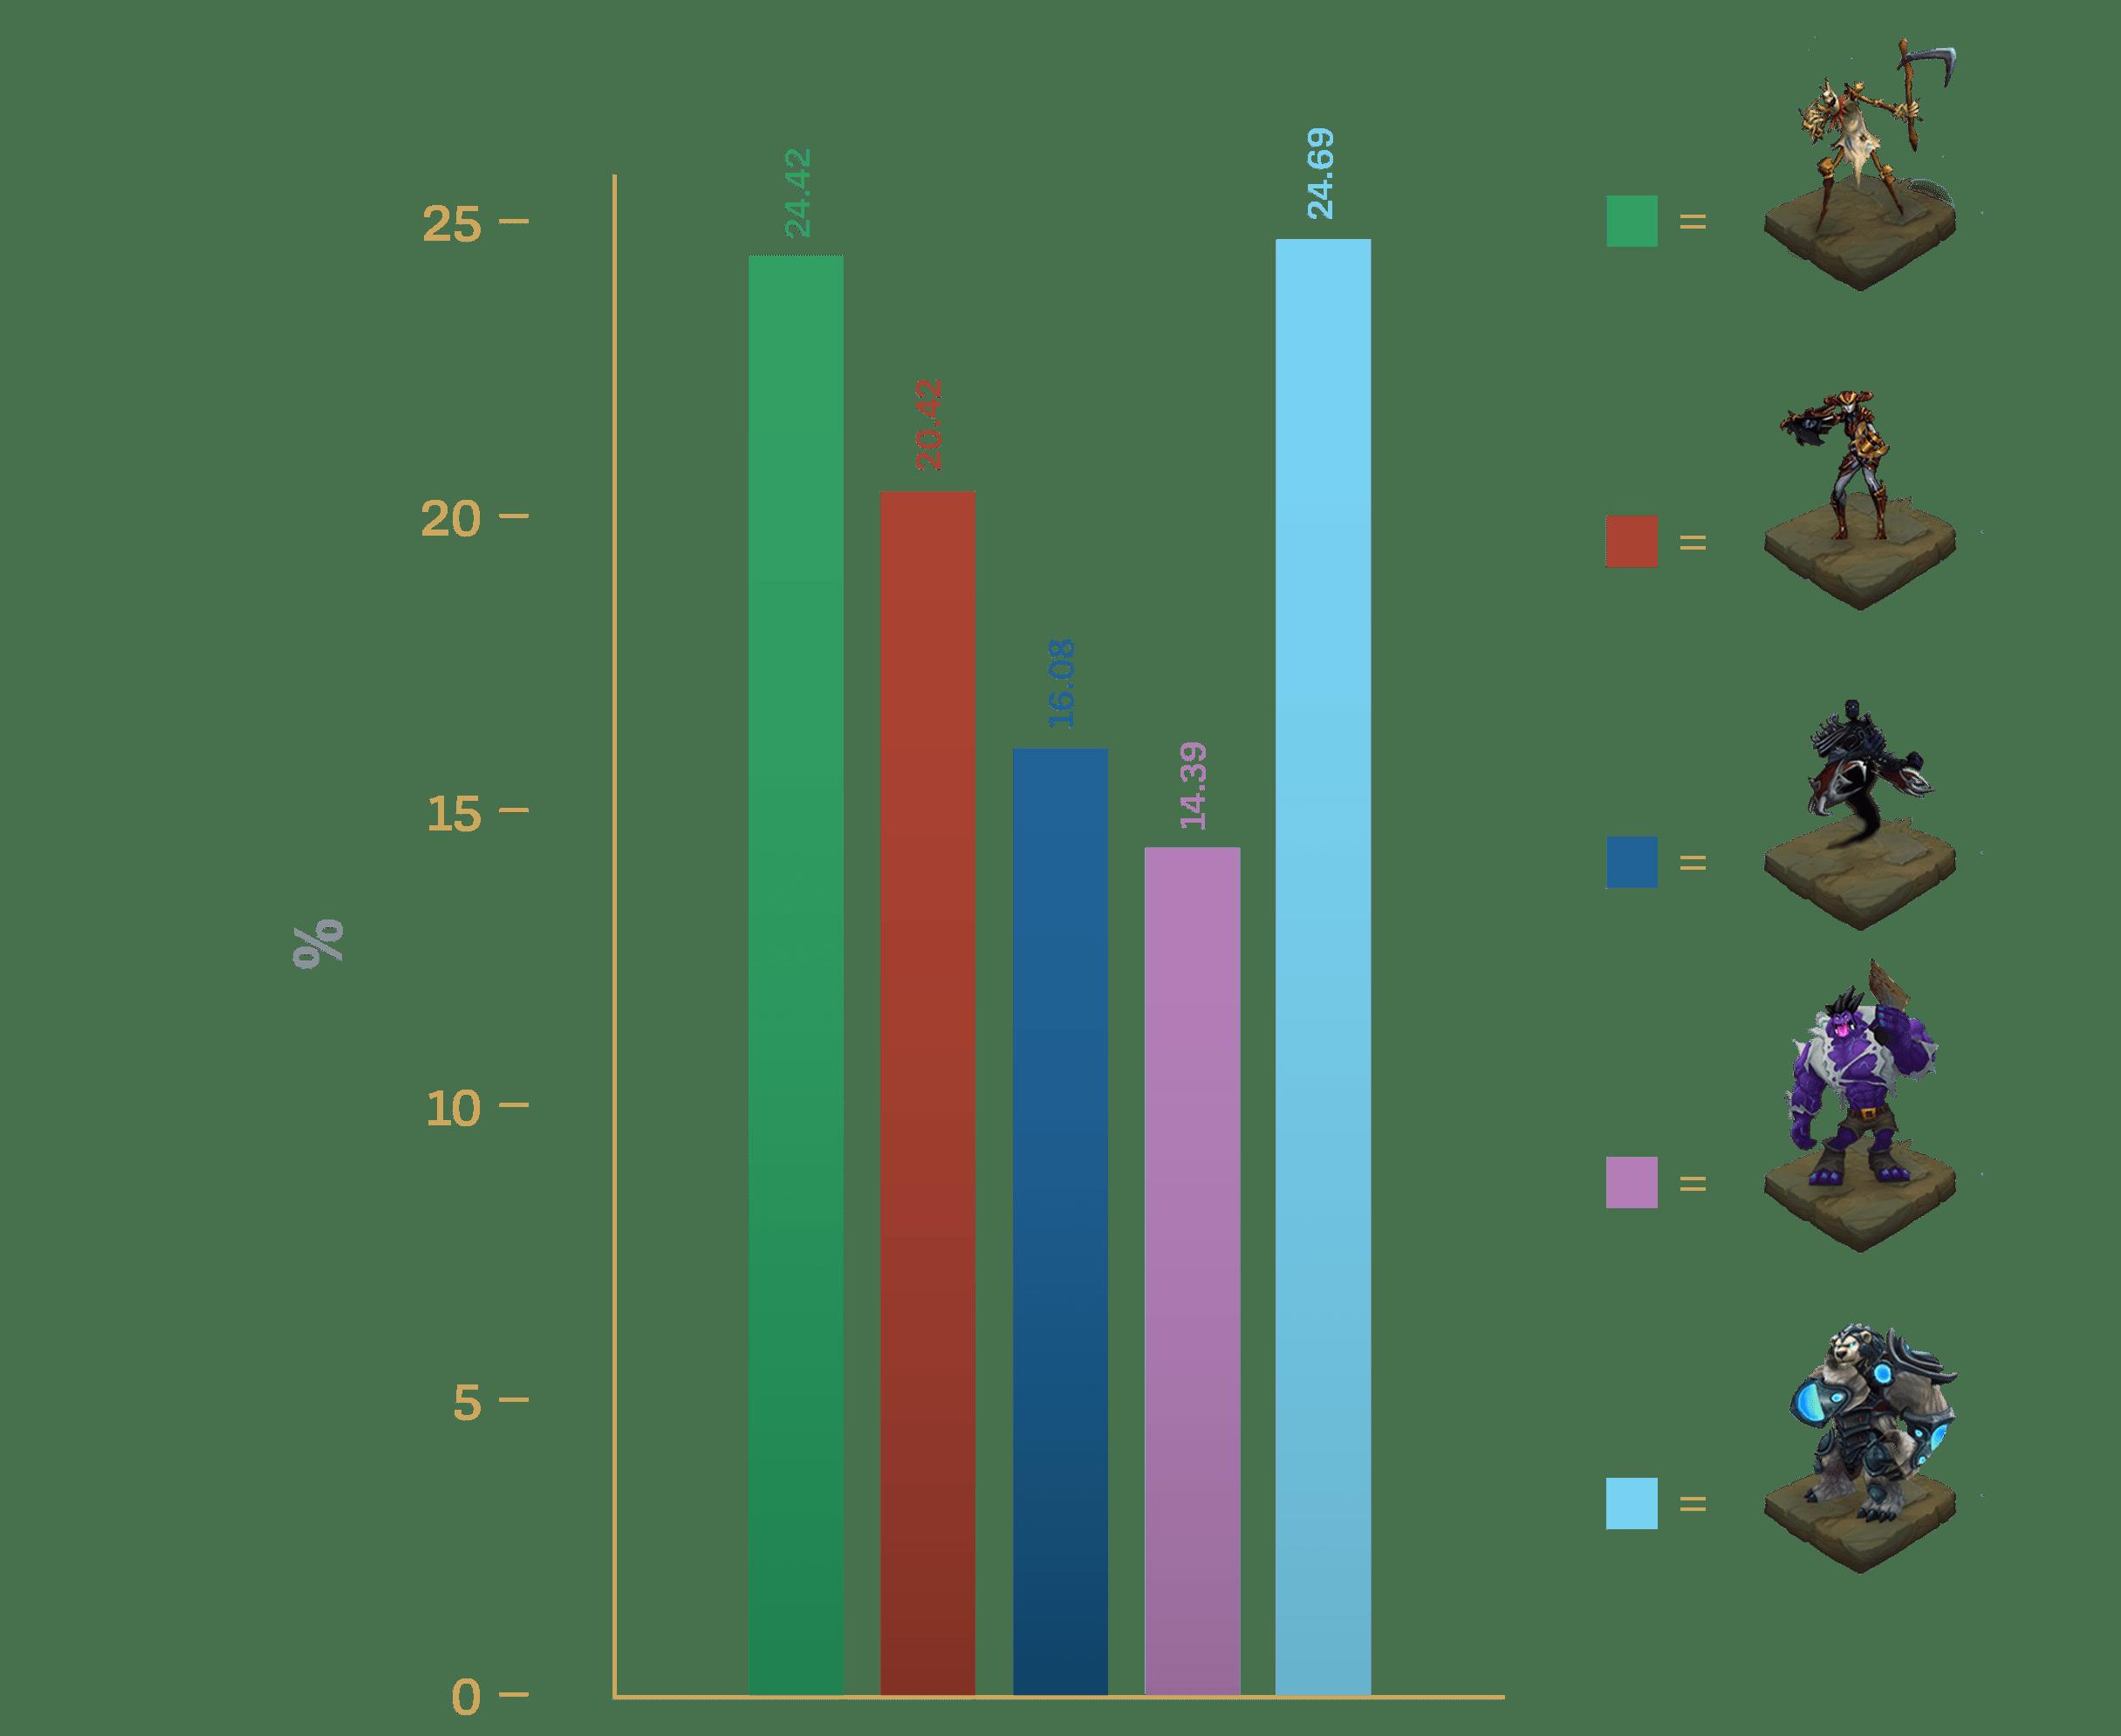 ChampVGU-Results-BarGraphs-min_3gyih8s2i3xd4cz26g8u.png